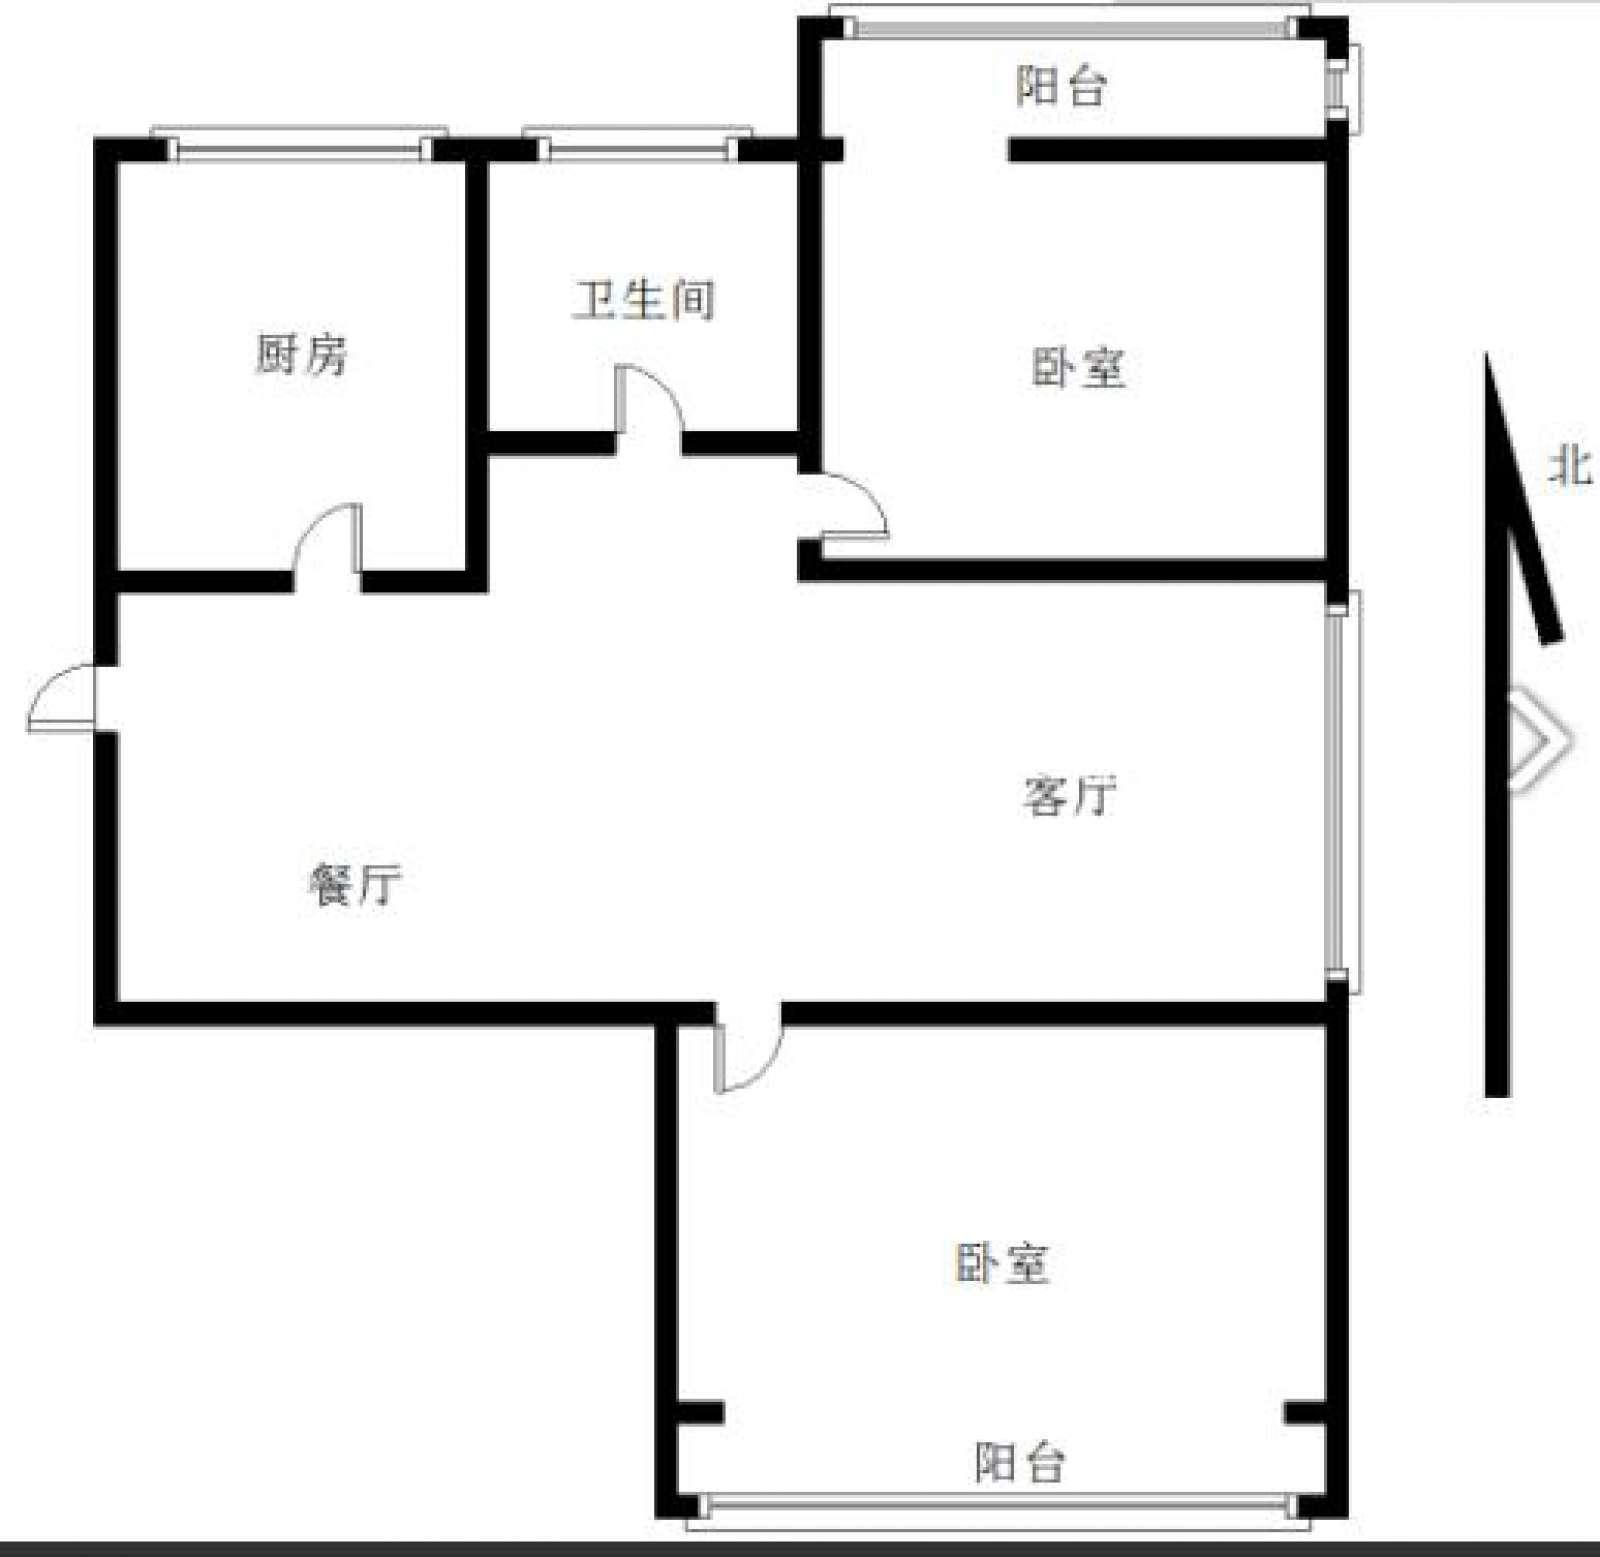 步红花园 2室2厅92㎡